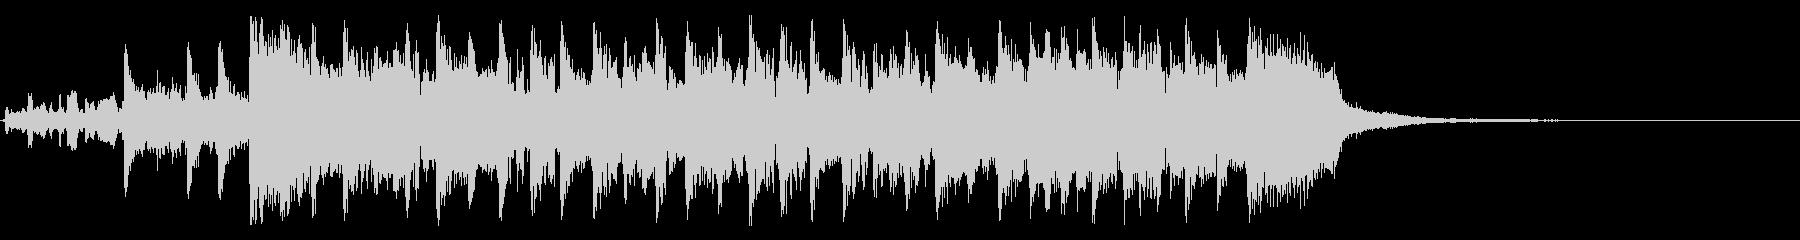 ツーオンワンの未再生の波形